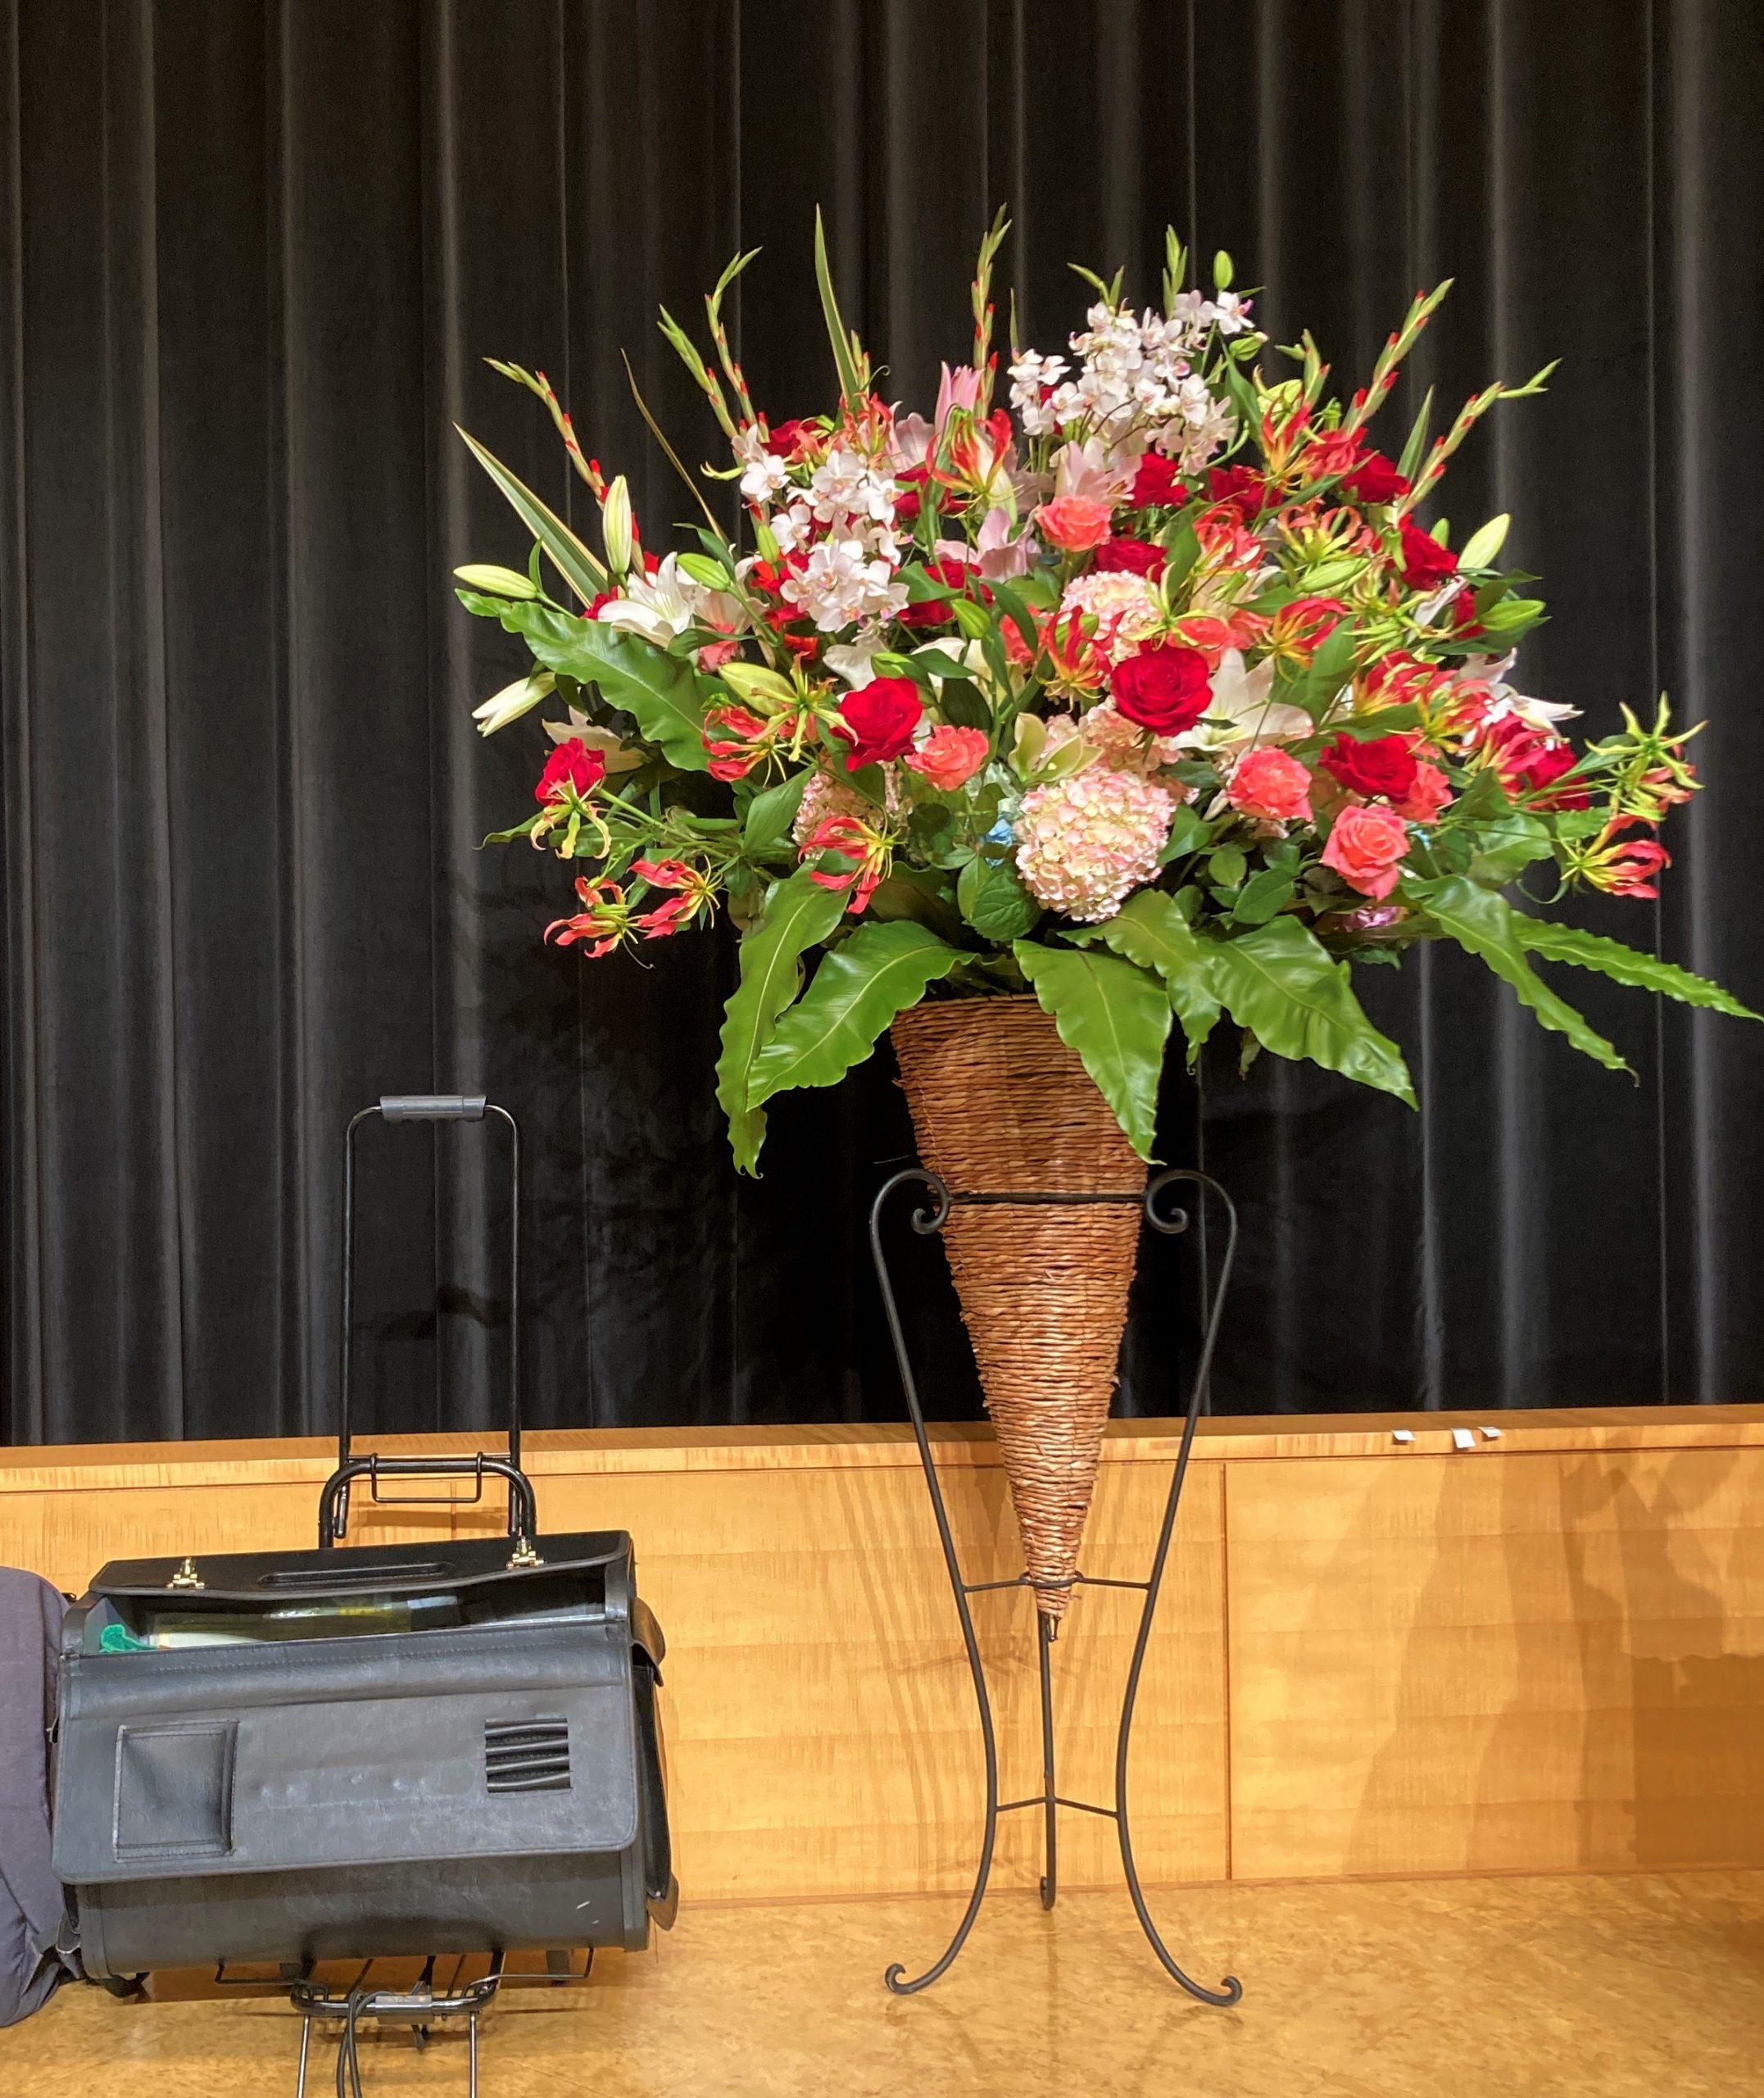 川崎市国際交流センターへスタンド花を配達しました。【横浜花屋の花束・スタンド花・胡蝶蘭・バルーン・アレンジメント配達事例940】